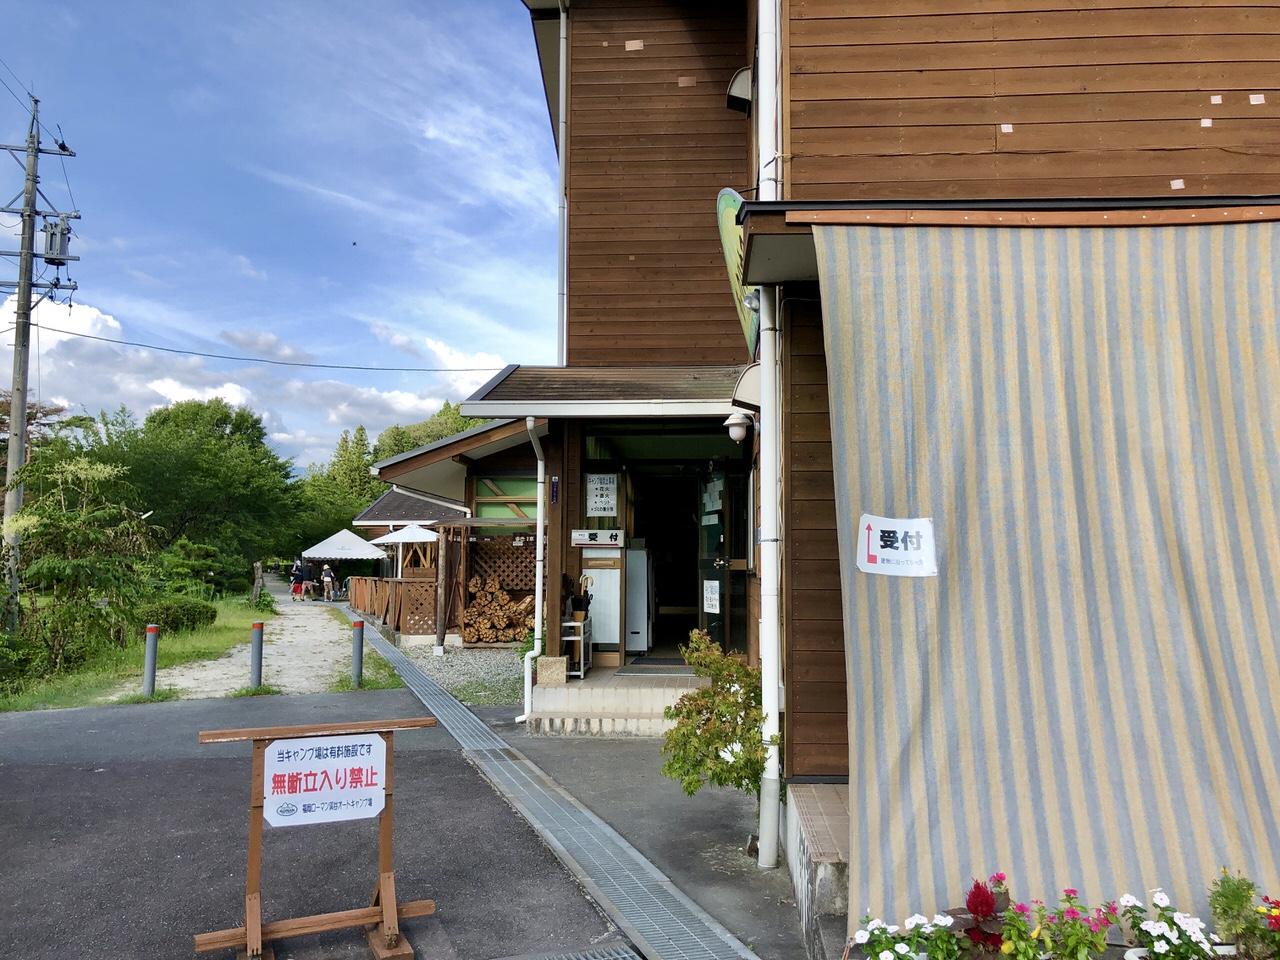 福岡ローマン渓谷オートキャンプ場の受付